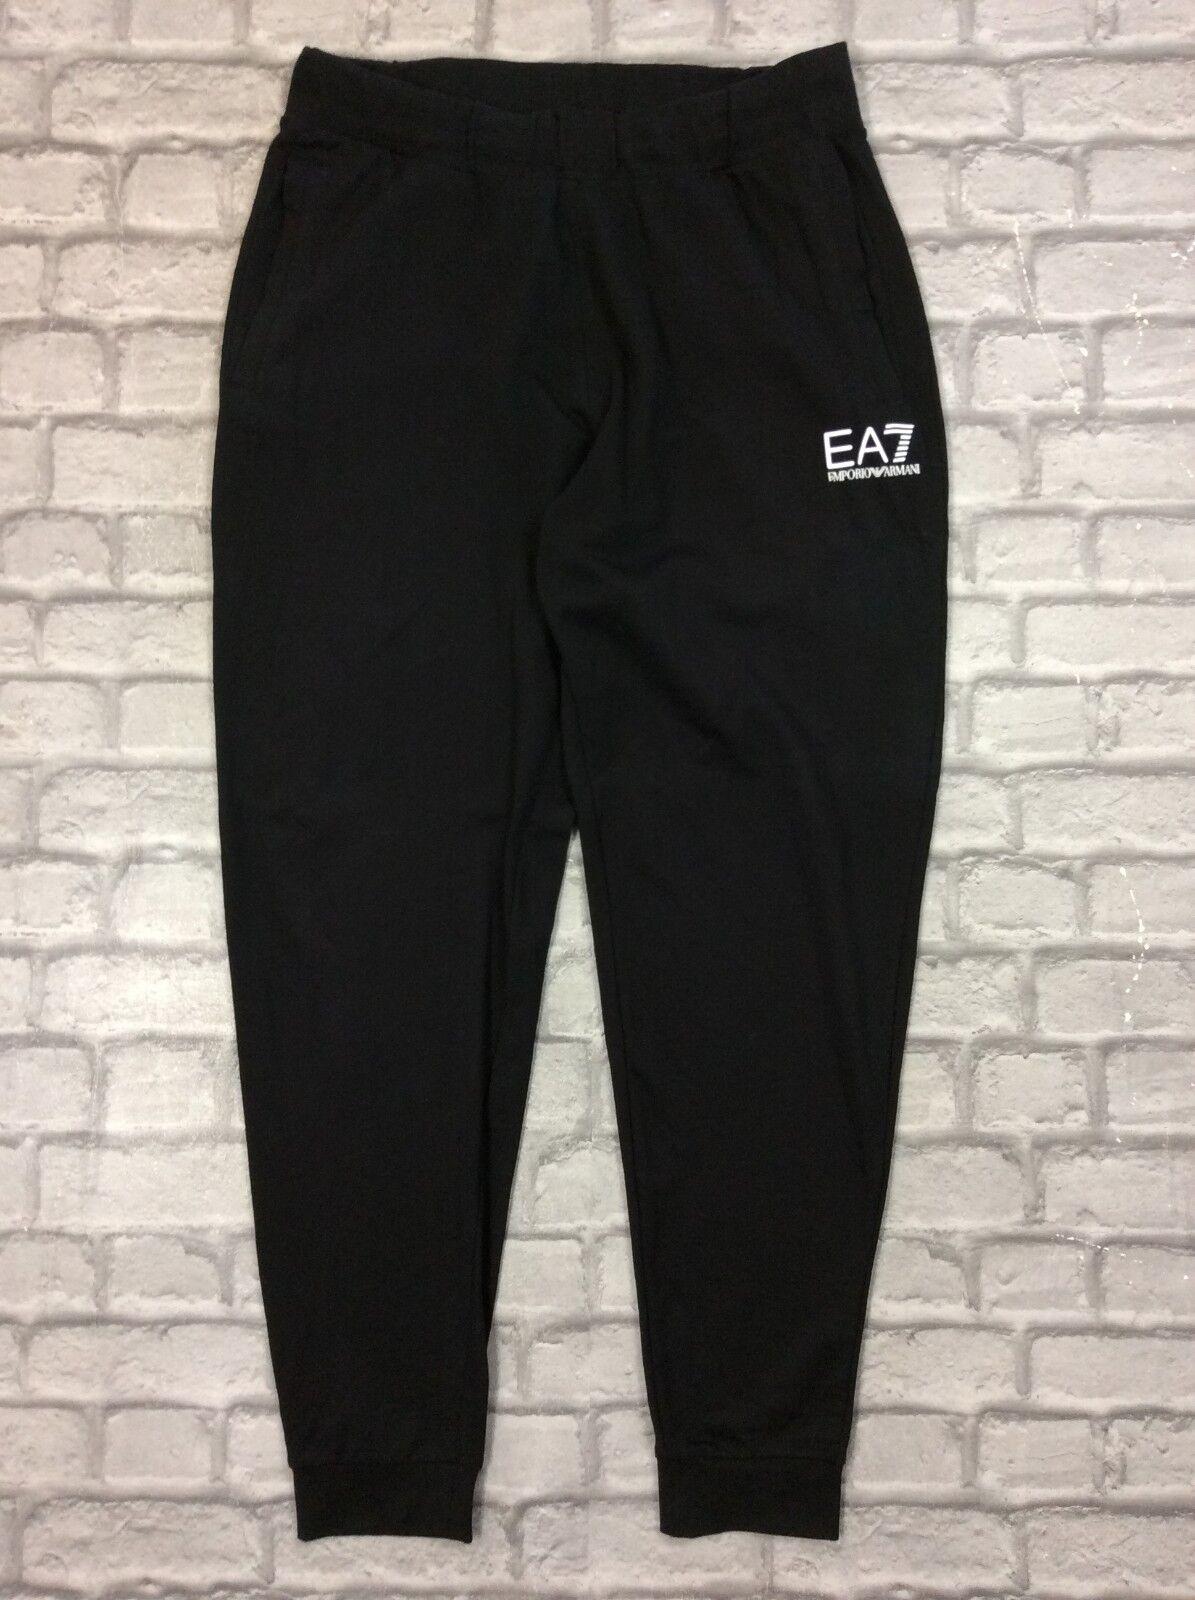 be93e2a3891 EMPORIO ARMANI EA7 homme UK XL Noir Survêtements De Jogging Jogging Jogging  Jogging Designer Rrp £